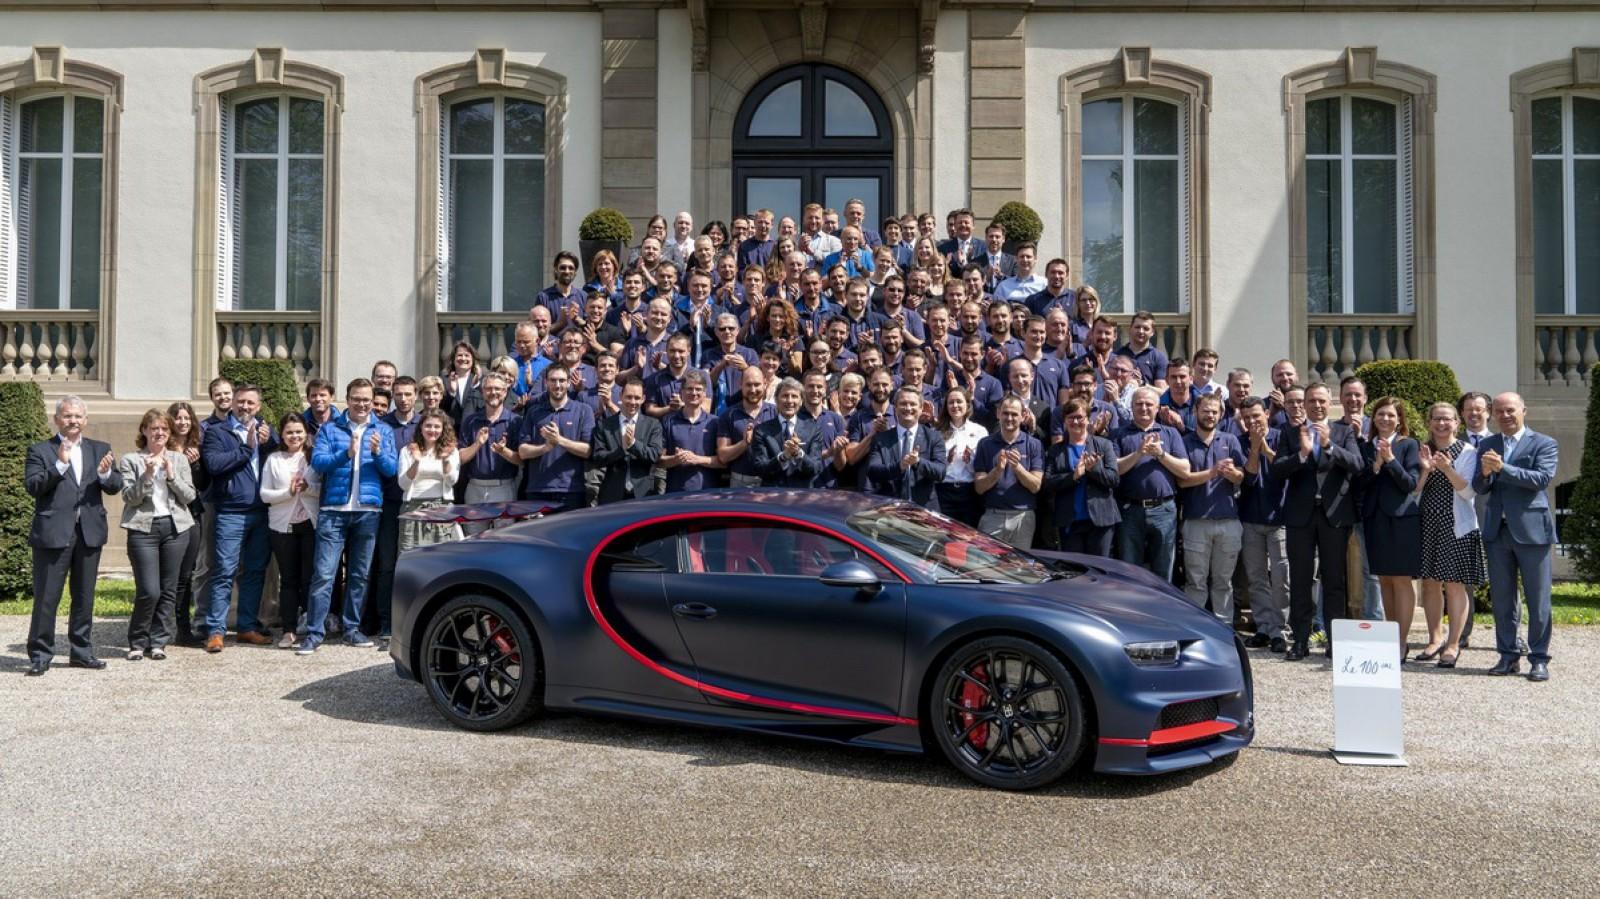 Zi importantă pentru Bugatti. A făcut şi a livrat al 100-lea exemplar al hipercarului exclusivist Chiron